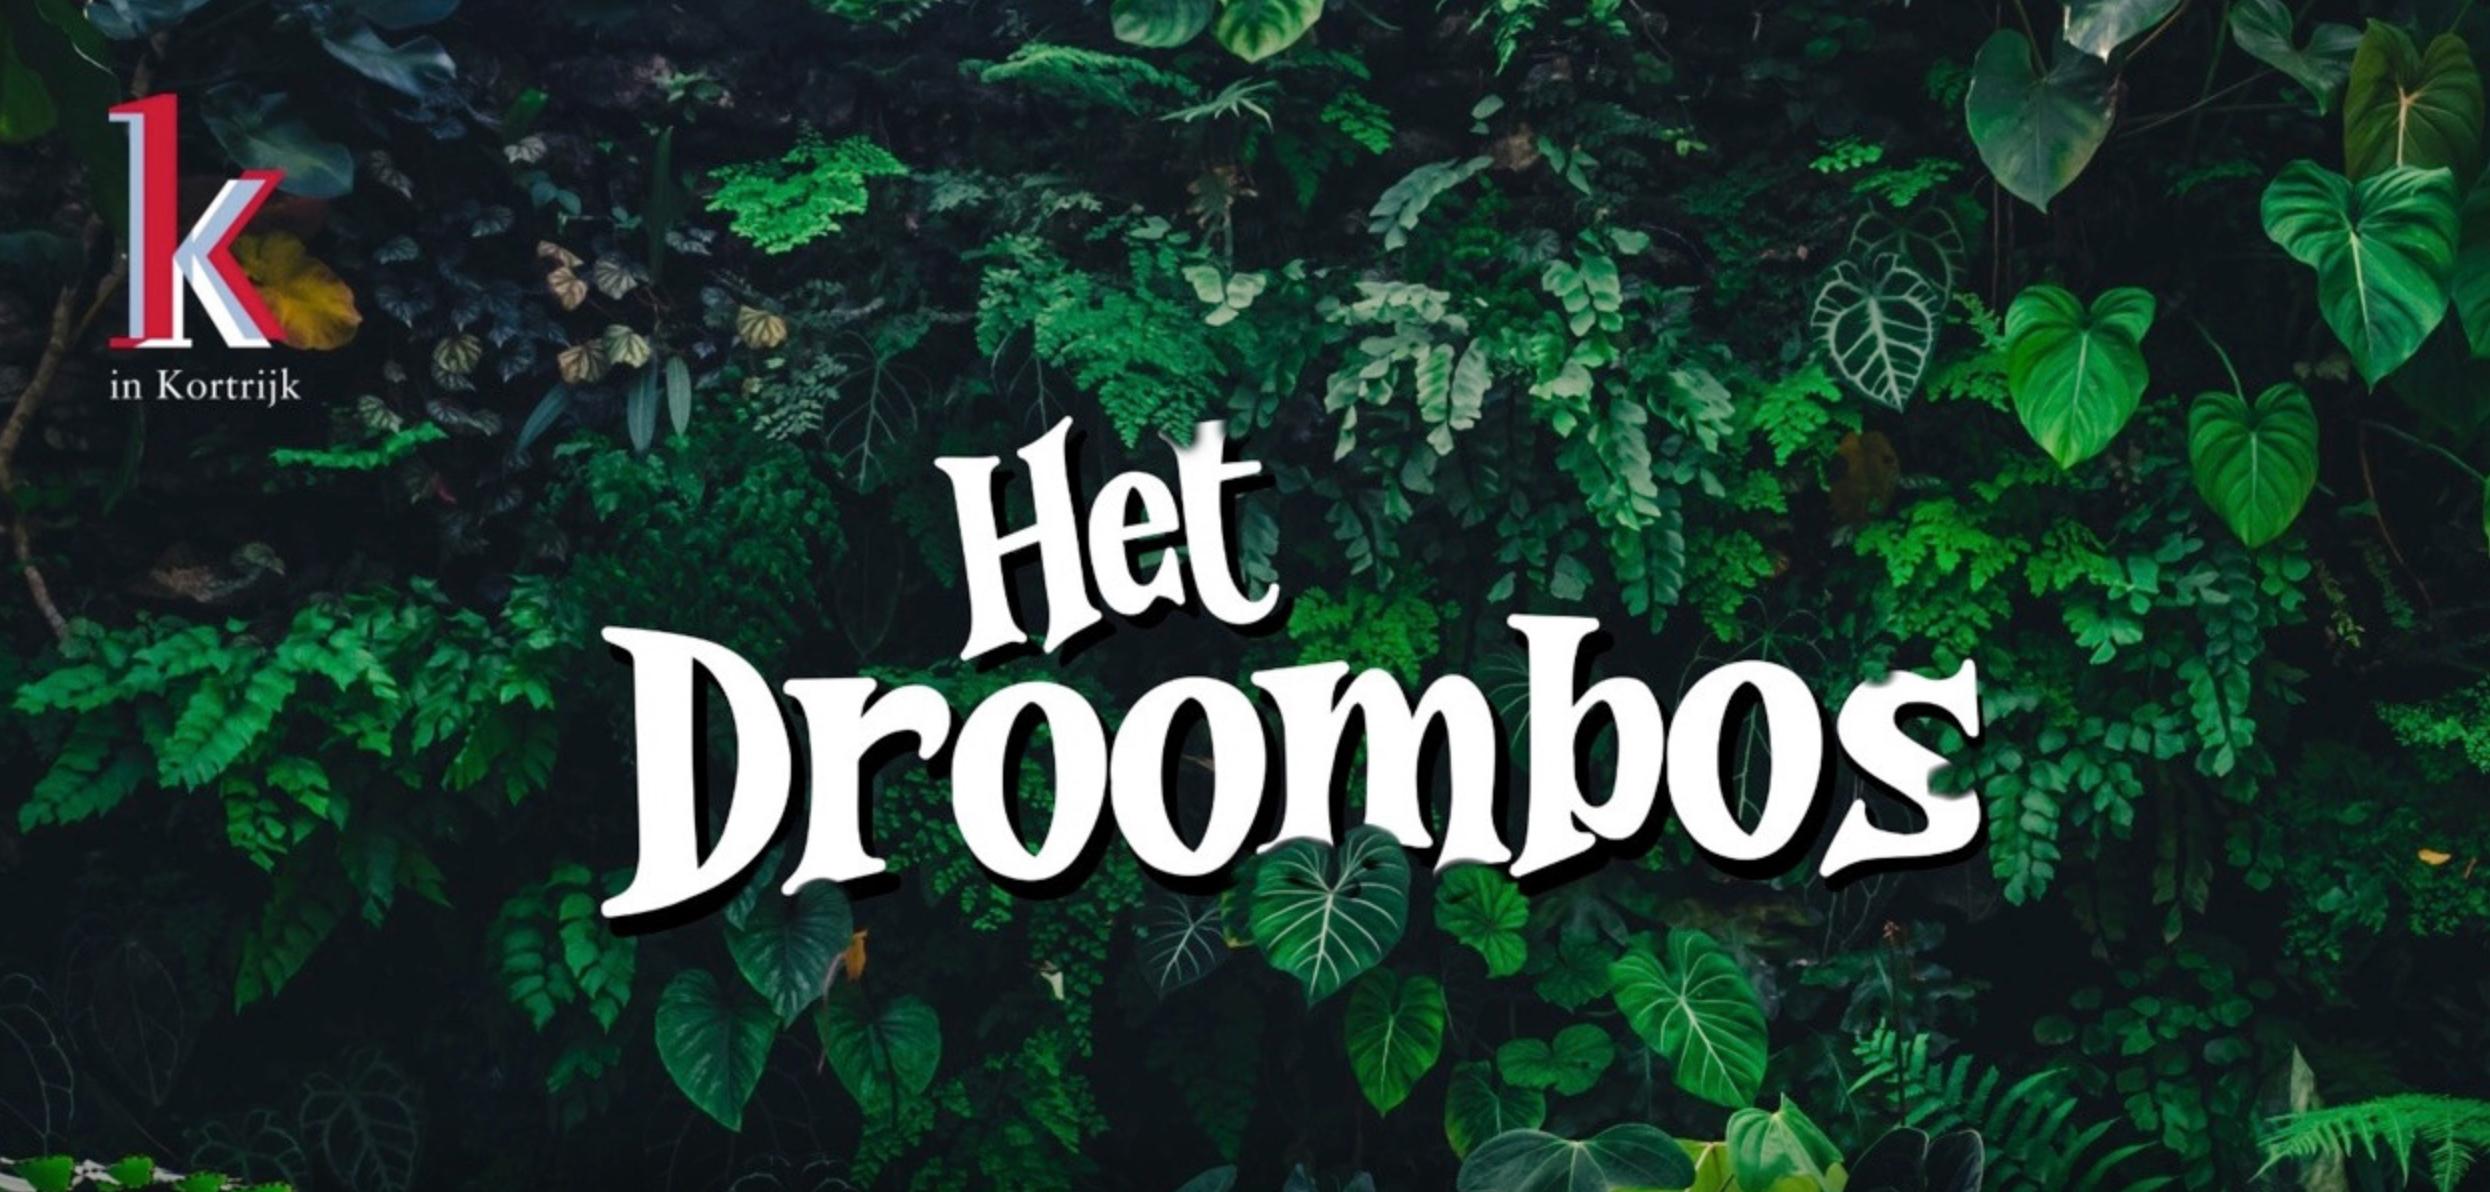 De Bel opent Droombos in K in Kortrijk